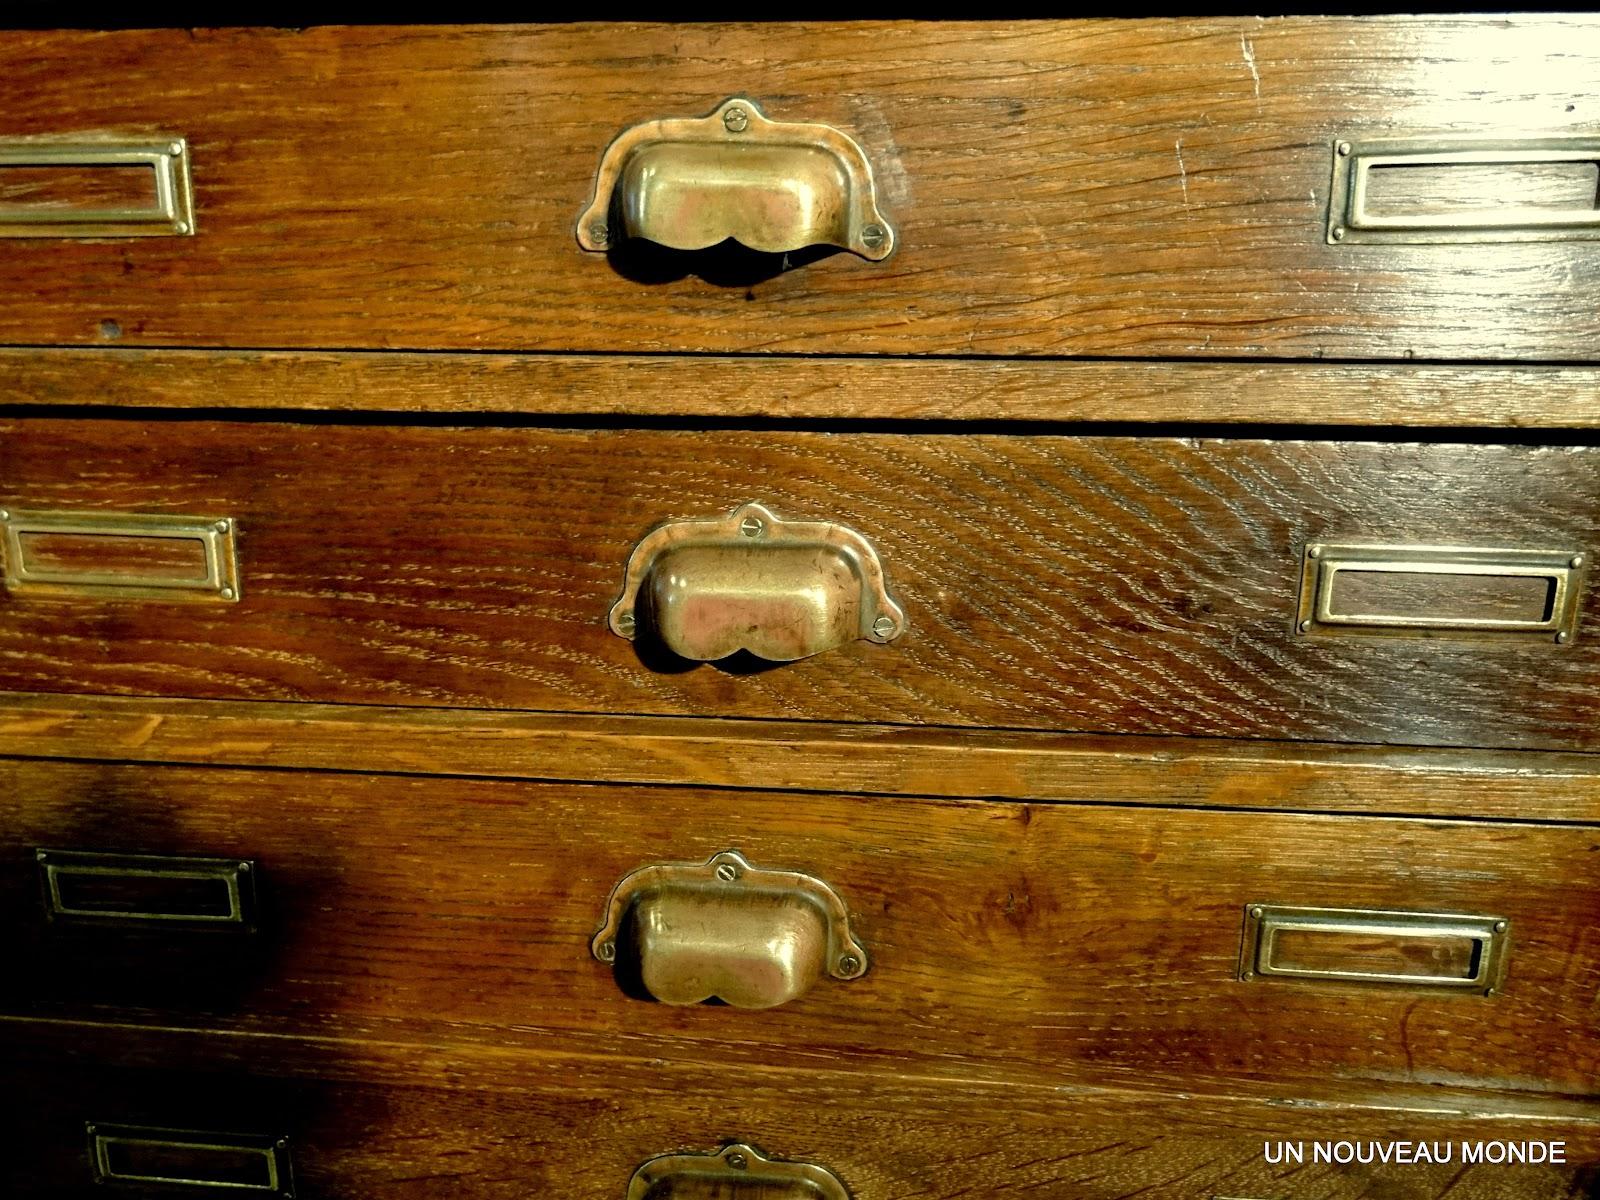 Brocante d coration un nouveau monde meuble de m tier - Deplace meubles a roulettes ...